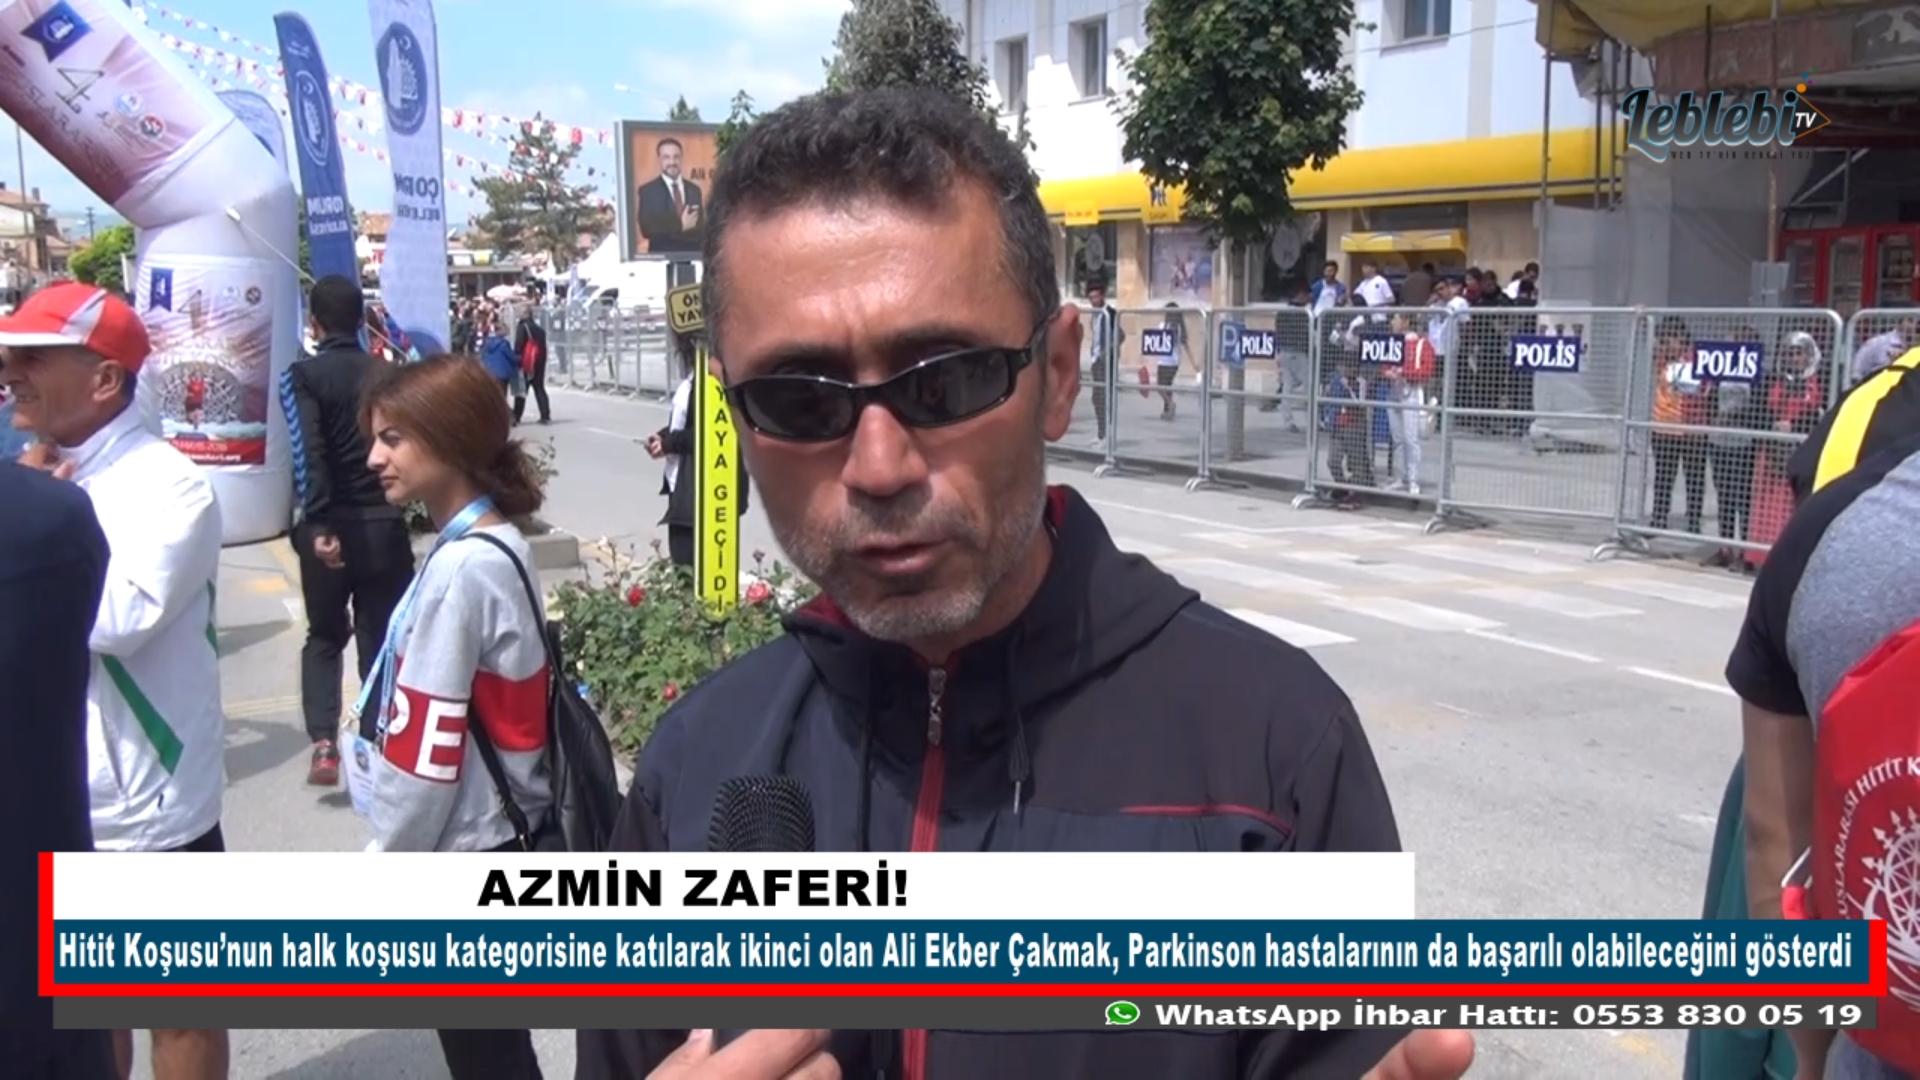 AZMİN ZAFERİ!